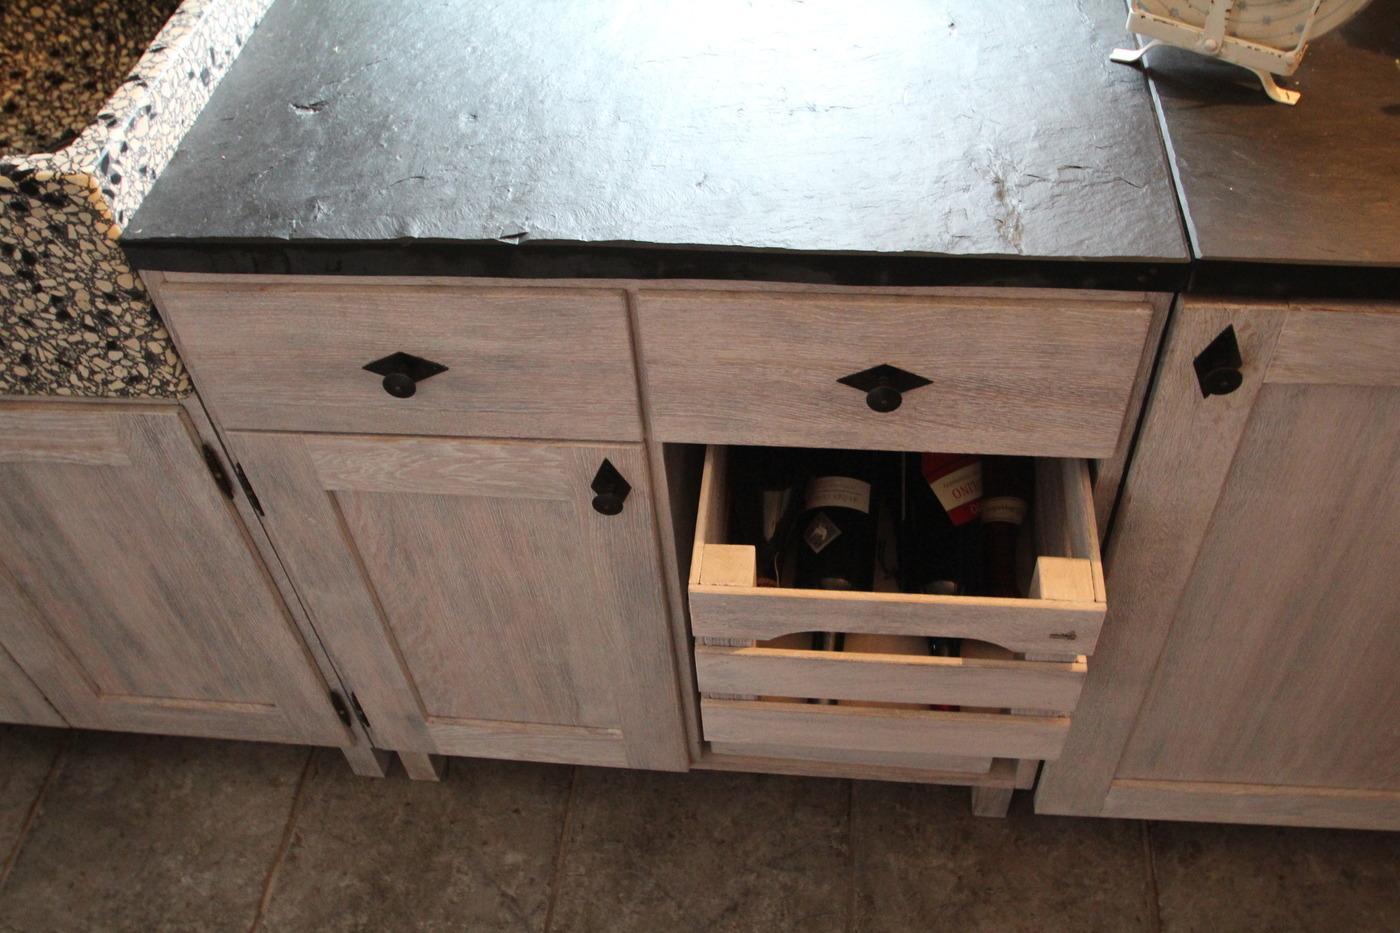 Full Size of Küche Shabby Produktwelt Kche Chic Schaldach Mbelbau Raum Sitzecke Wasserhahn Für Pendeltür Wandregal Bodenbeläge Deckenleuchten Wandtattoo Wohnzimmer Küche Shabby